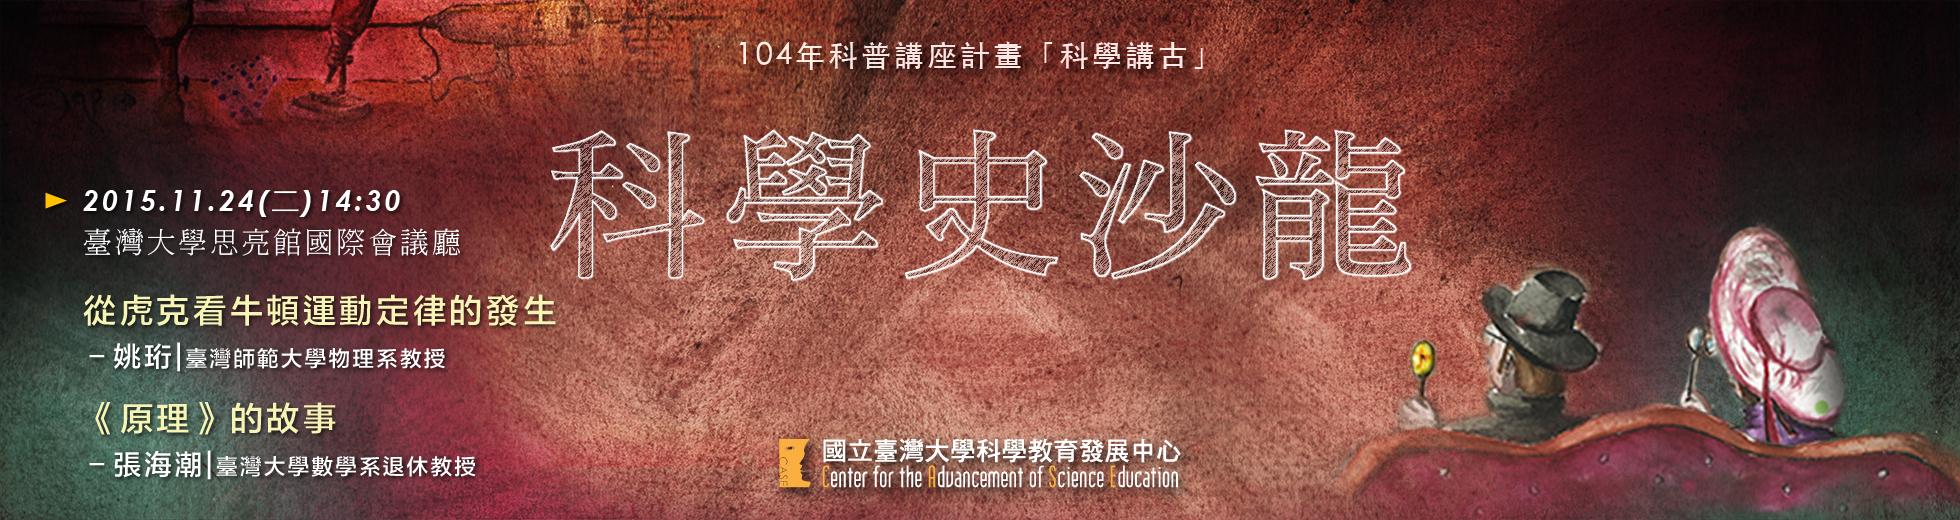 科學史沙龍20151124 banner1960x520